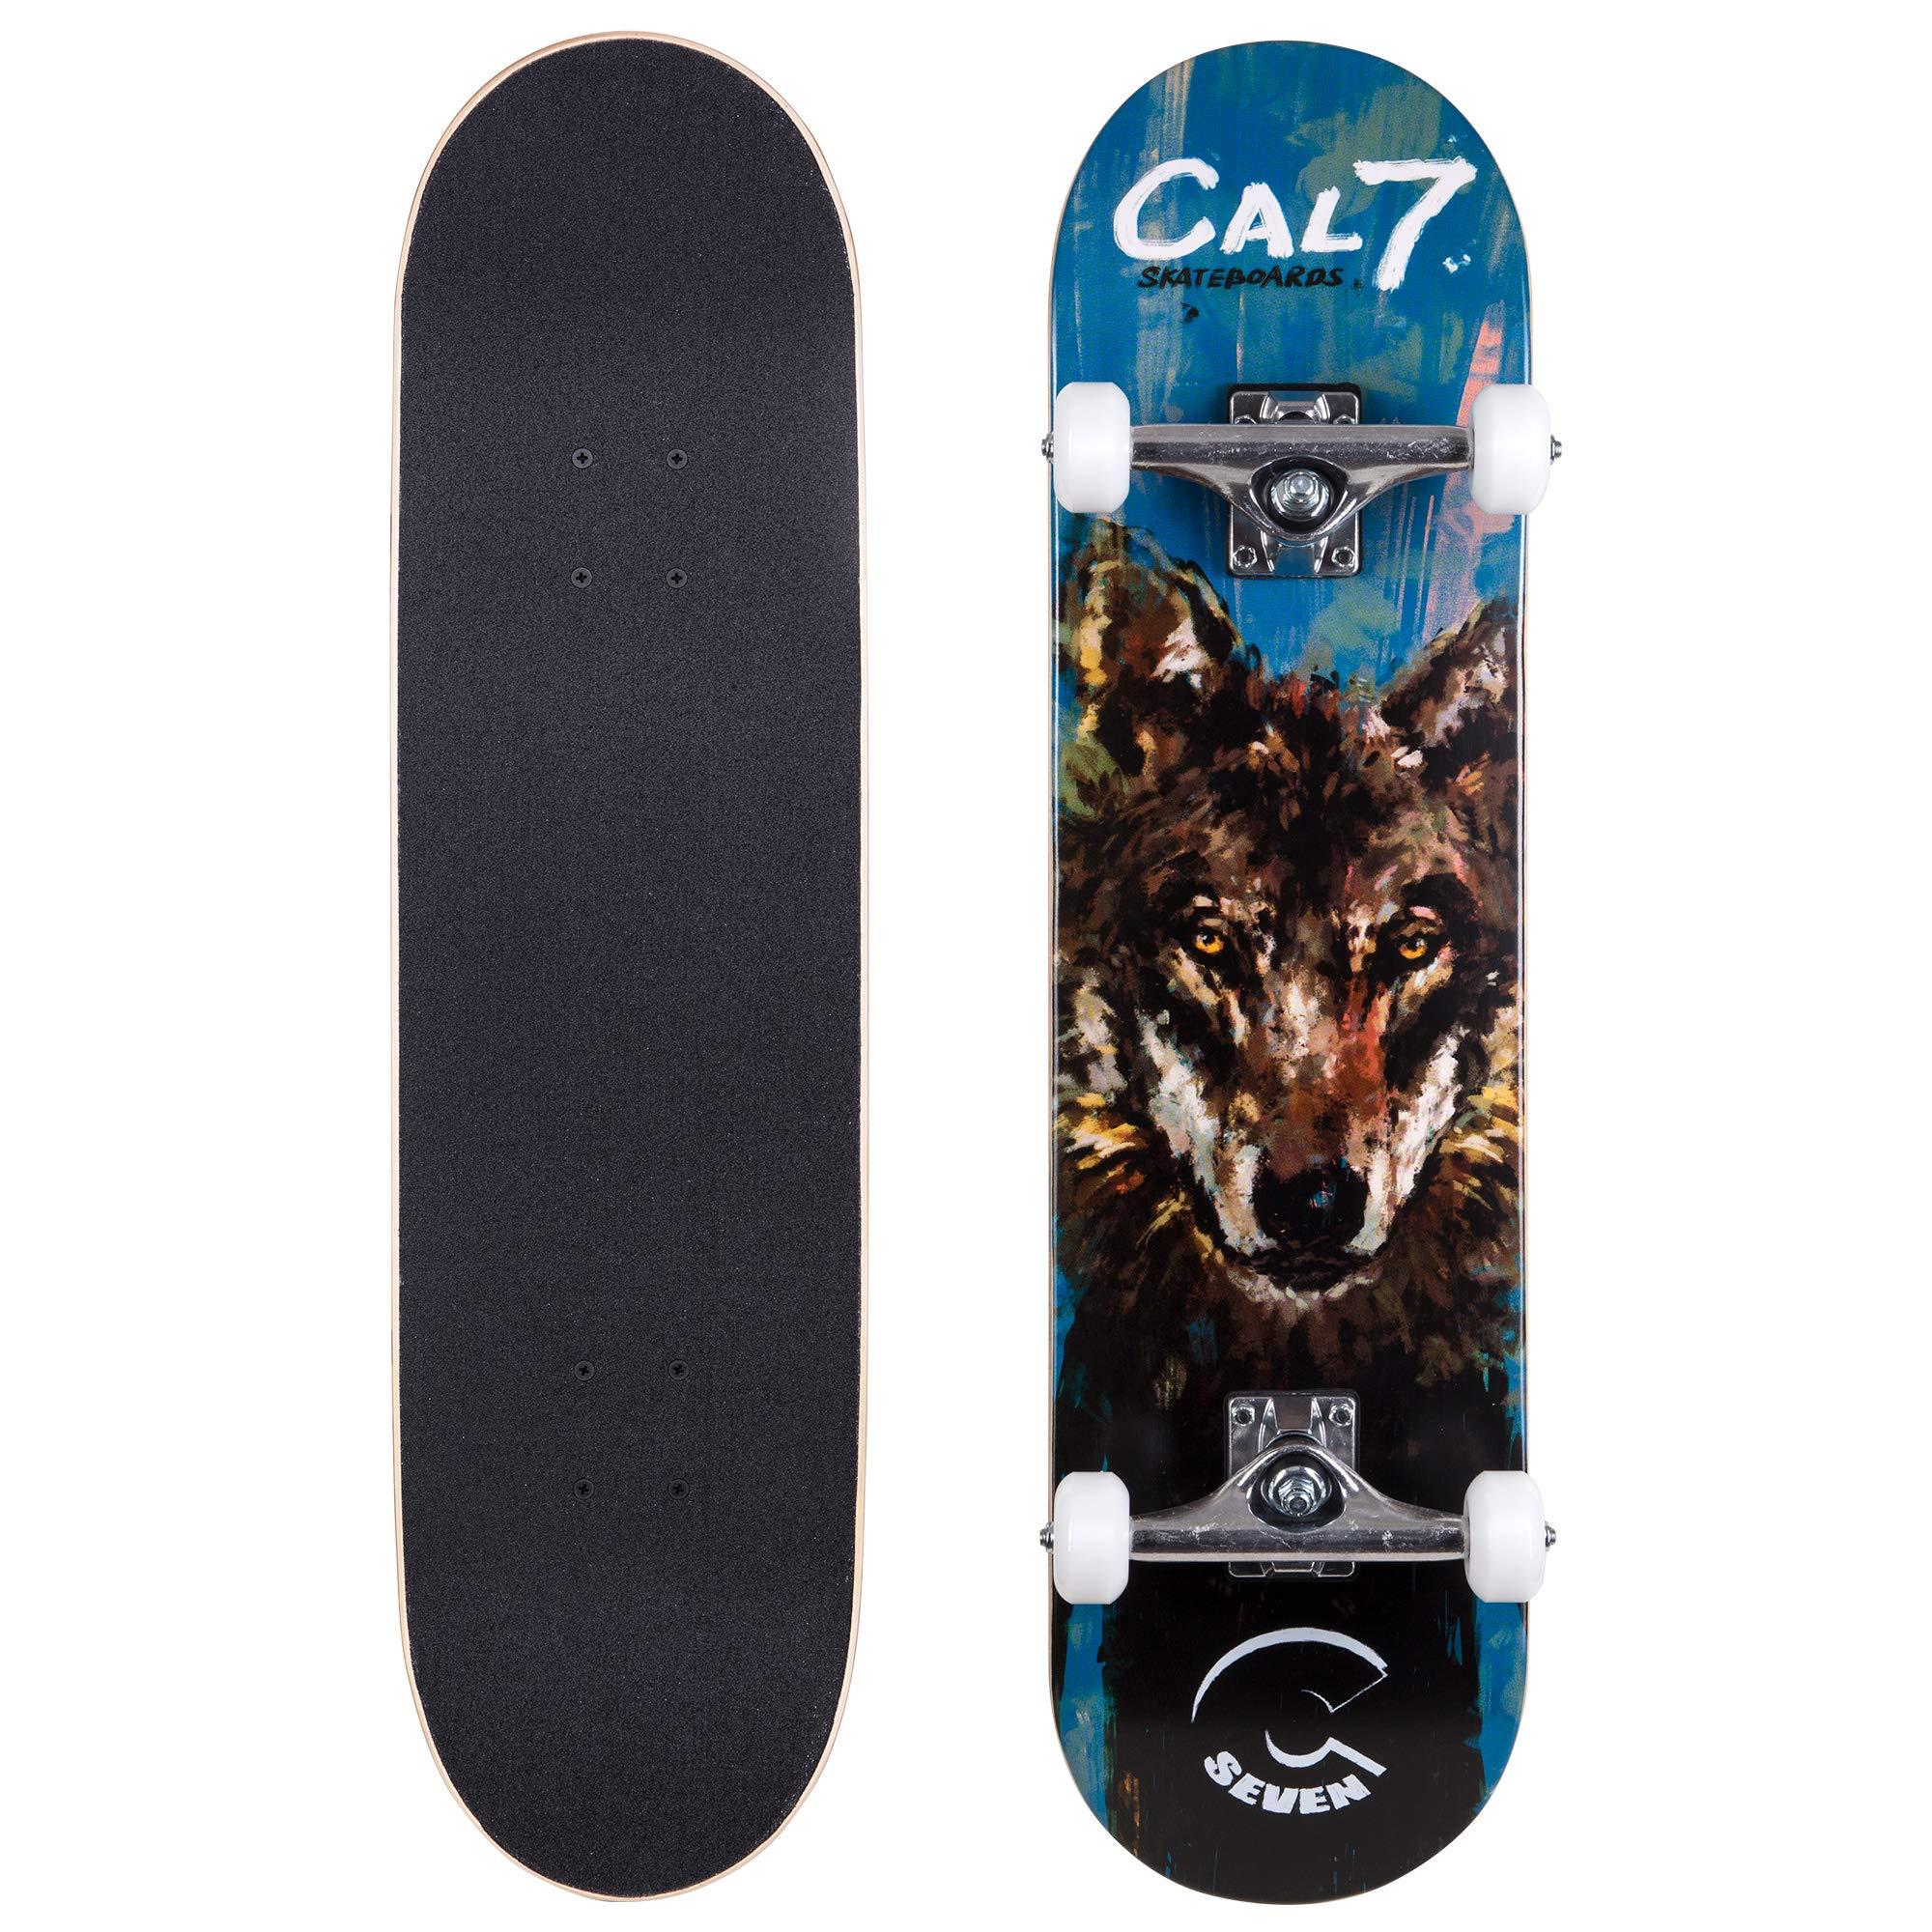 Cal Complete Skateboard Popsicle Trucks